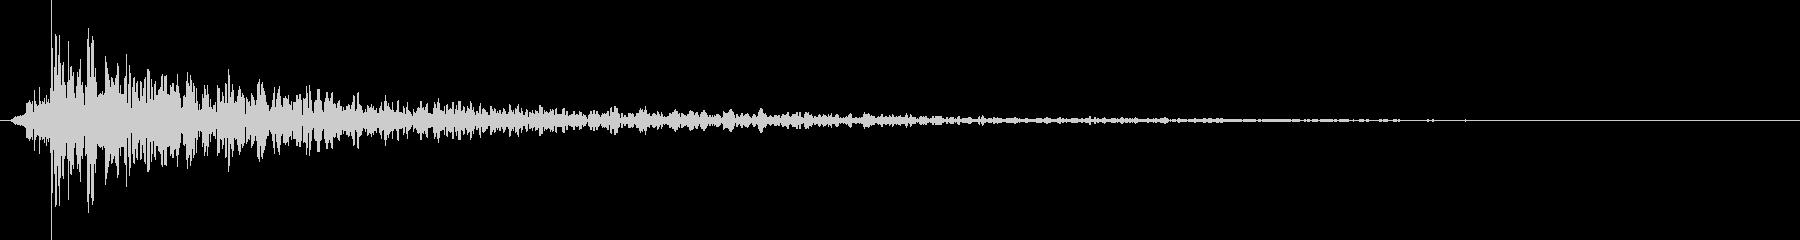 【打楽器】 衝撃 どんっ・・・の未再生の波形